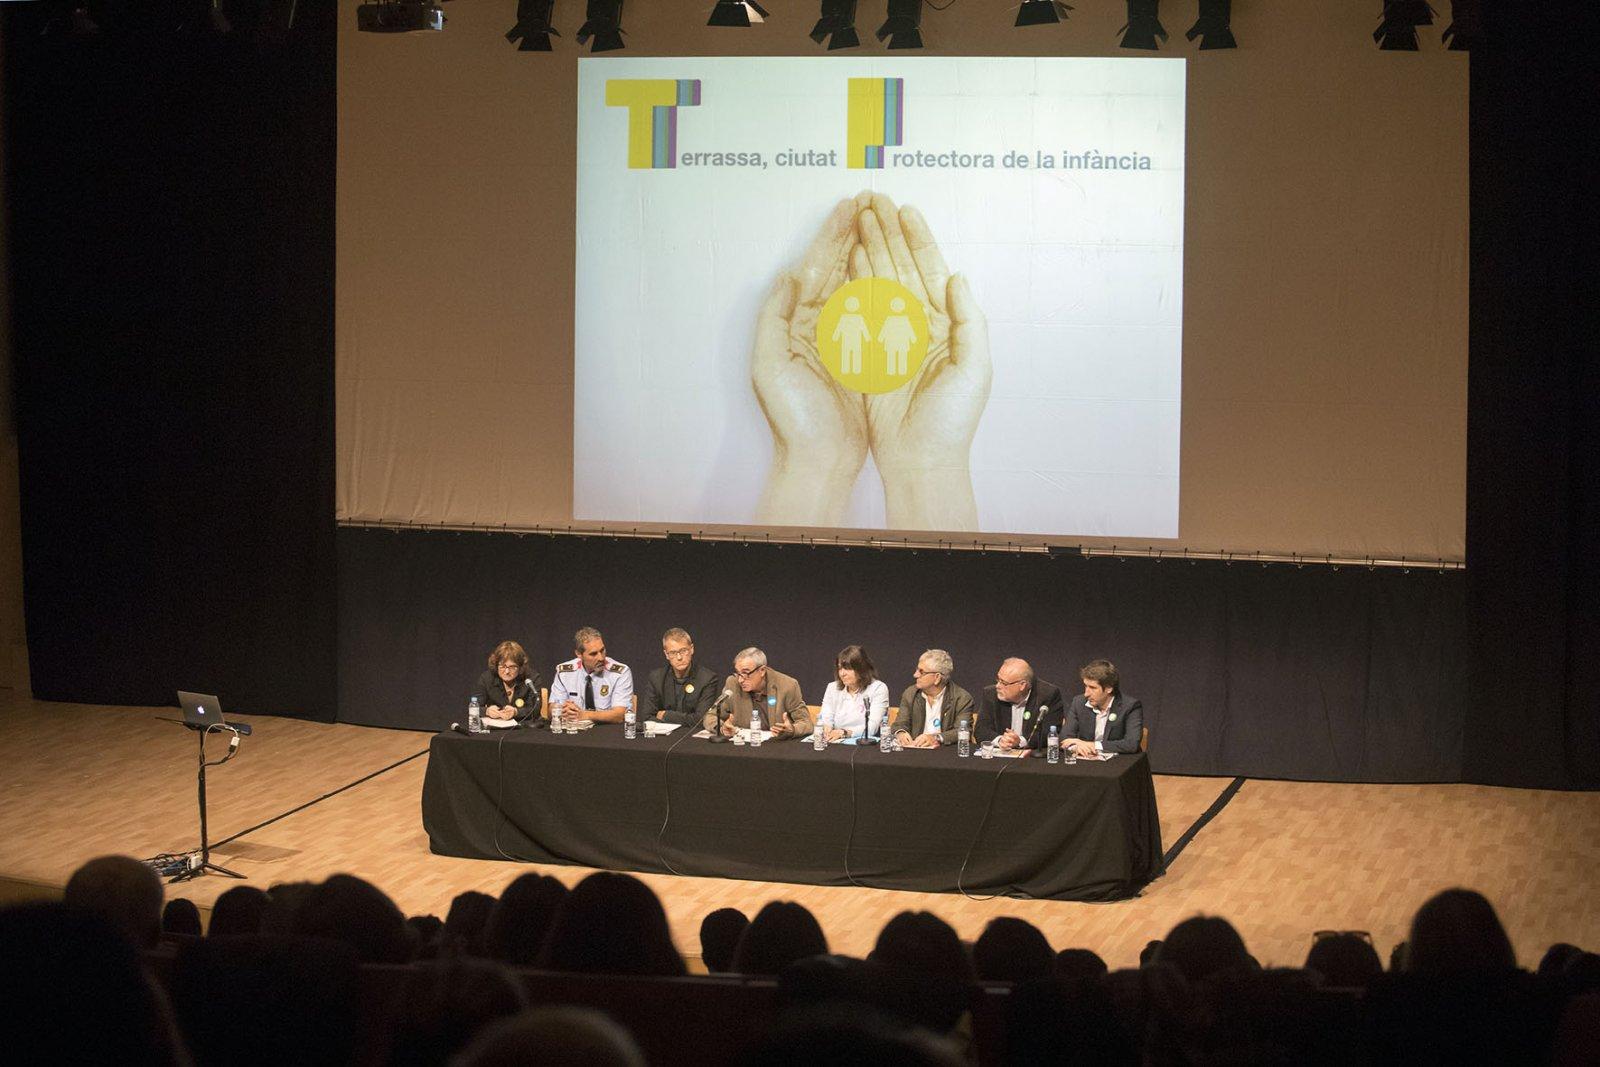 Terrassa, primera ciutat de Catalunya a aplicar un protocol d'intervenció en maltractaments a la infància amb tots els actors implicats